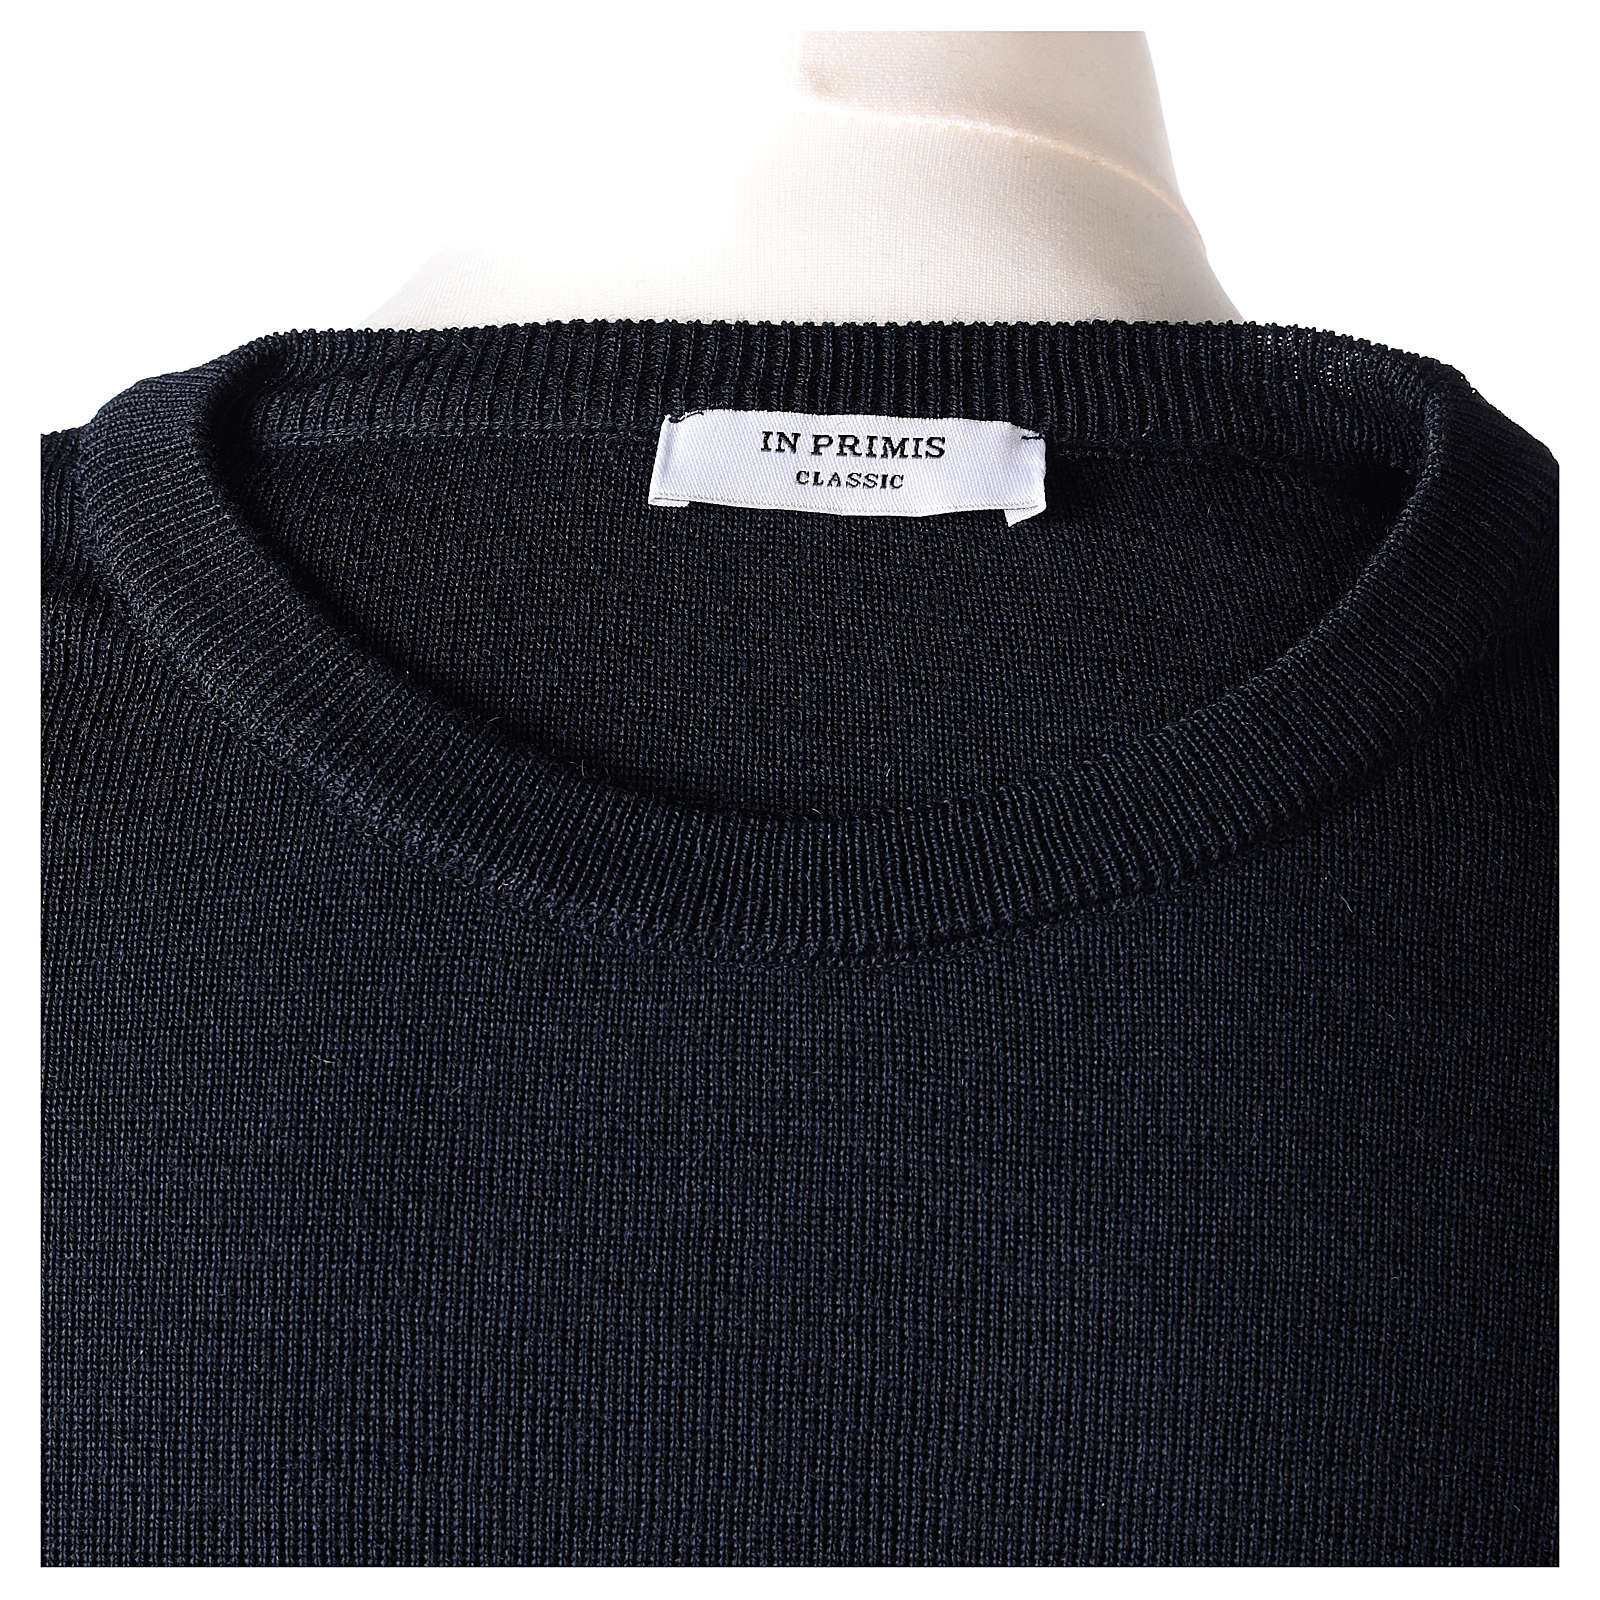 Pull prêtre ras-de-cou bleu jersey simple 50% laine mérinos 50% acrylique In Primis 4